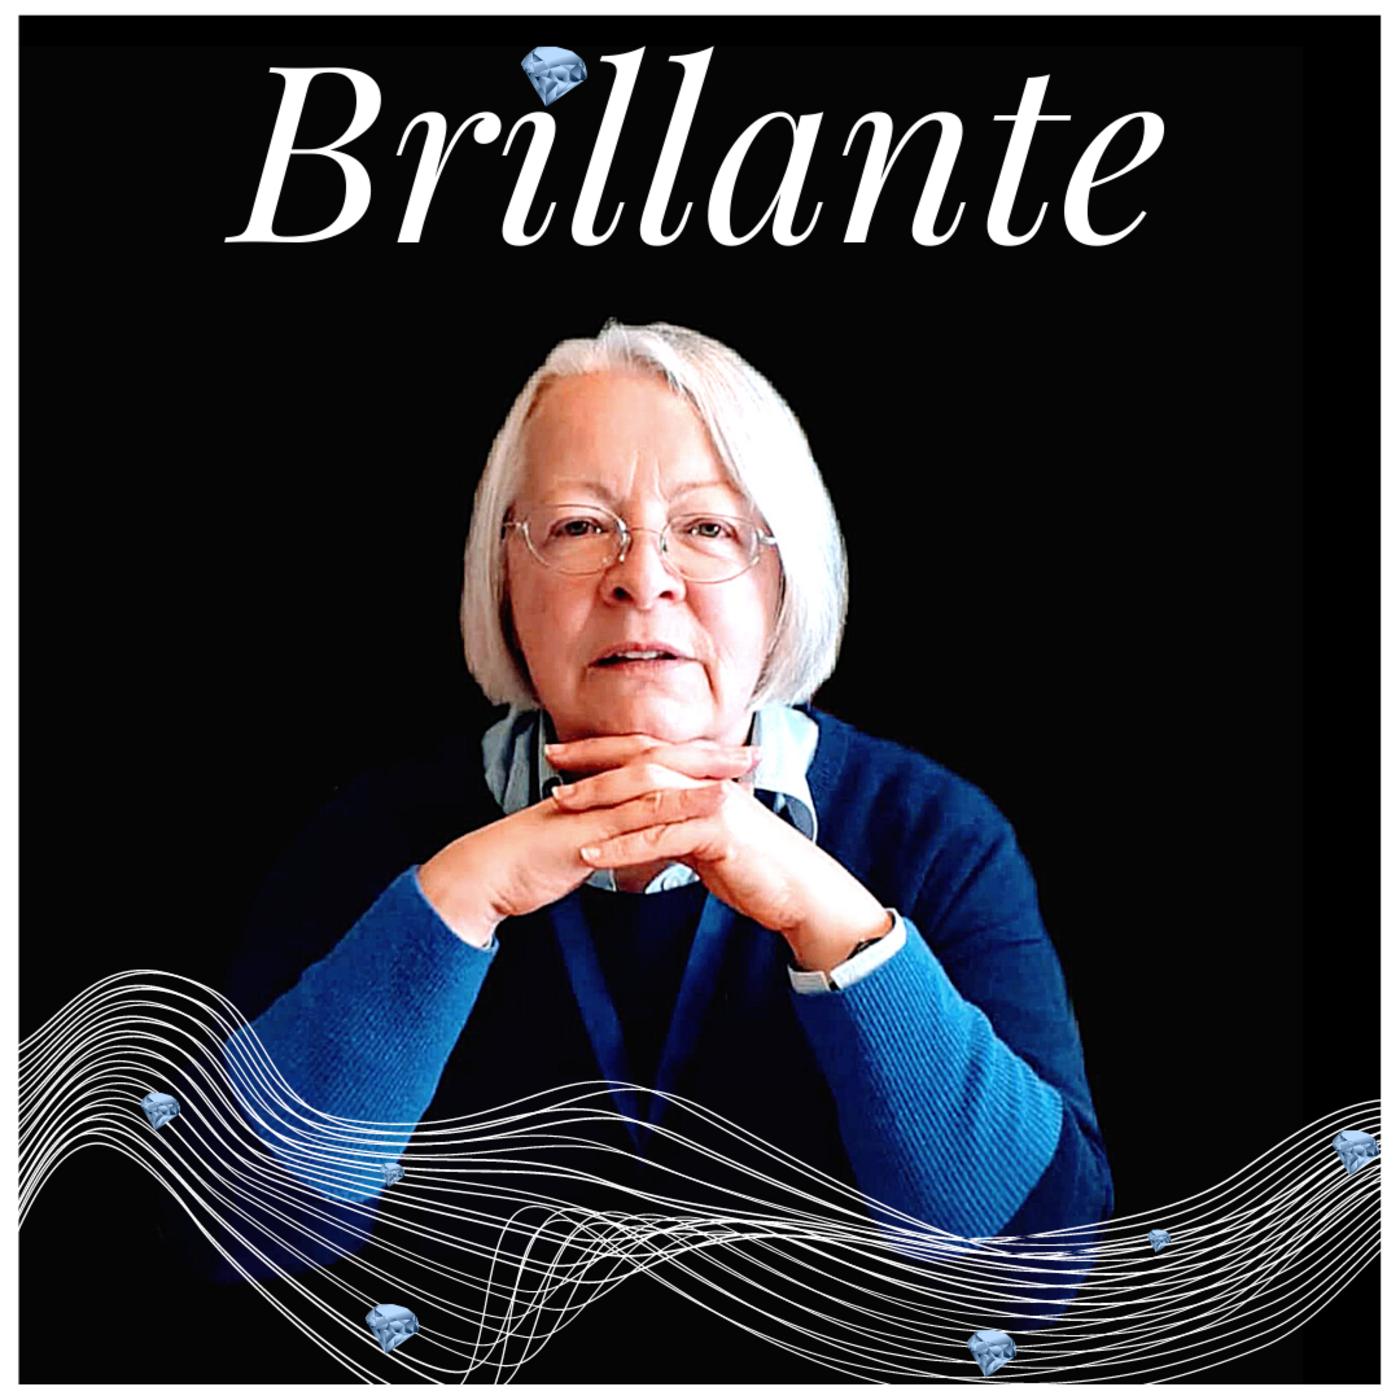 Brillante #4 Evelyne Possémé - Conservatrice en chef du département des bijoux anciens et modernes au Musée des Arts Décoratifs à Paris